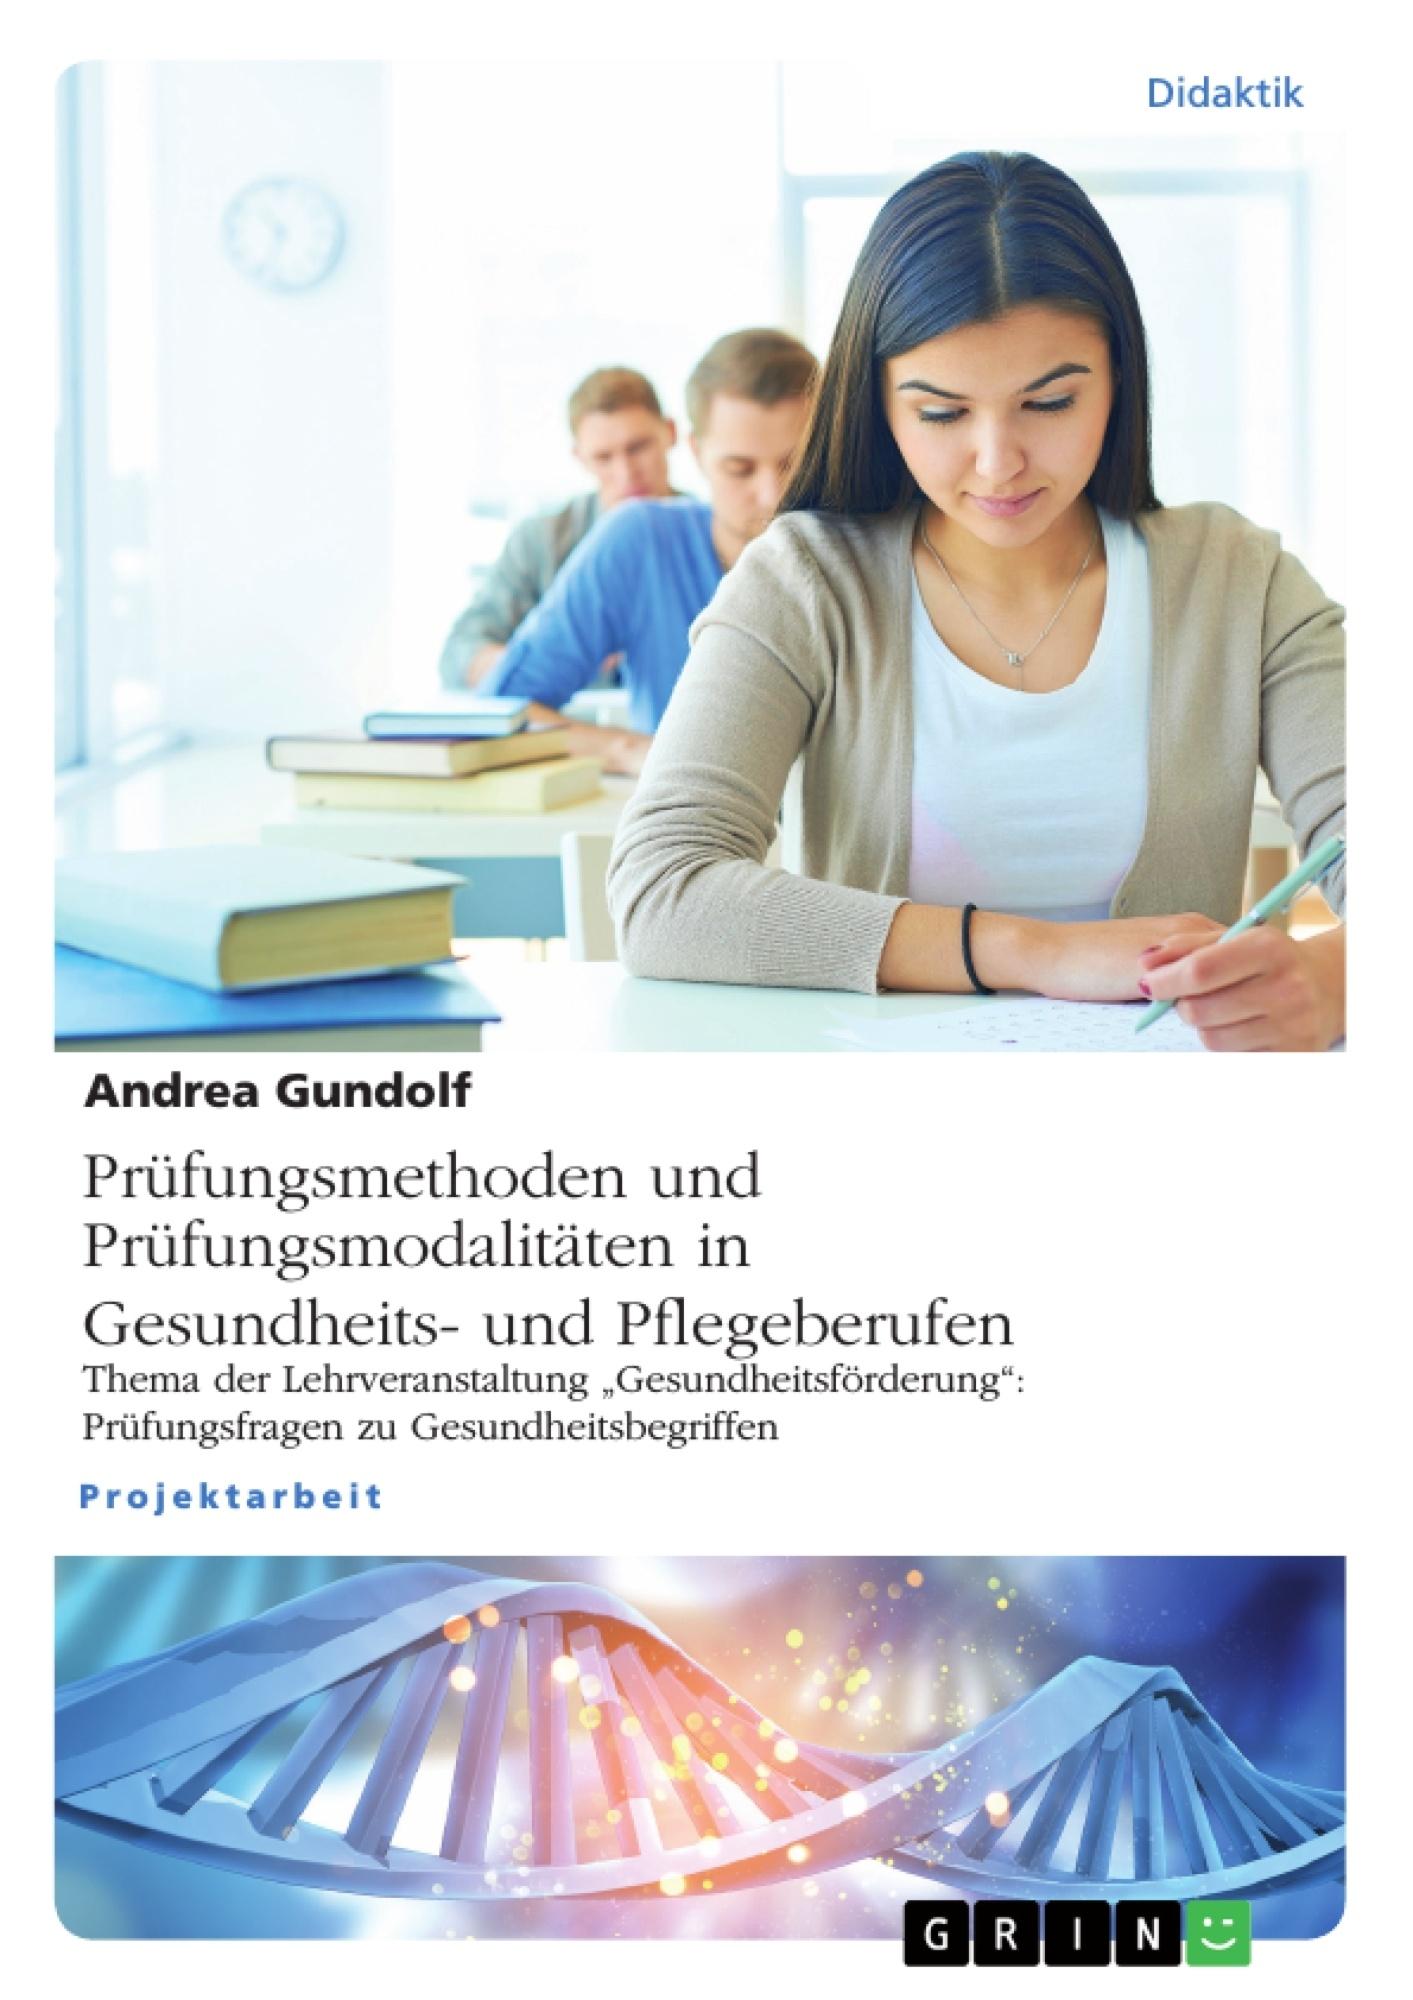 Titel: Prüfungsmethoden und Prüfungsmodalitäten in Gesundheits- und Pflegeberufen